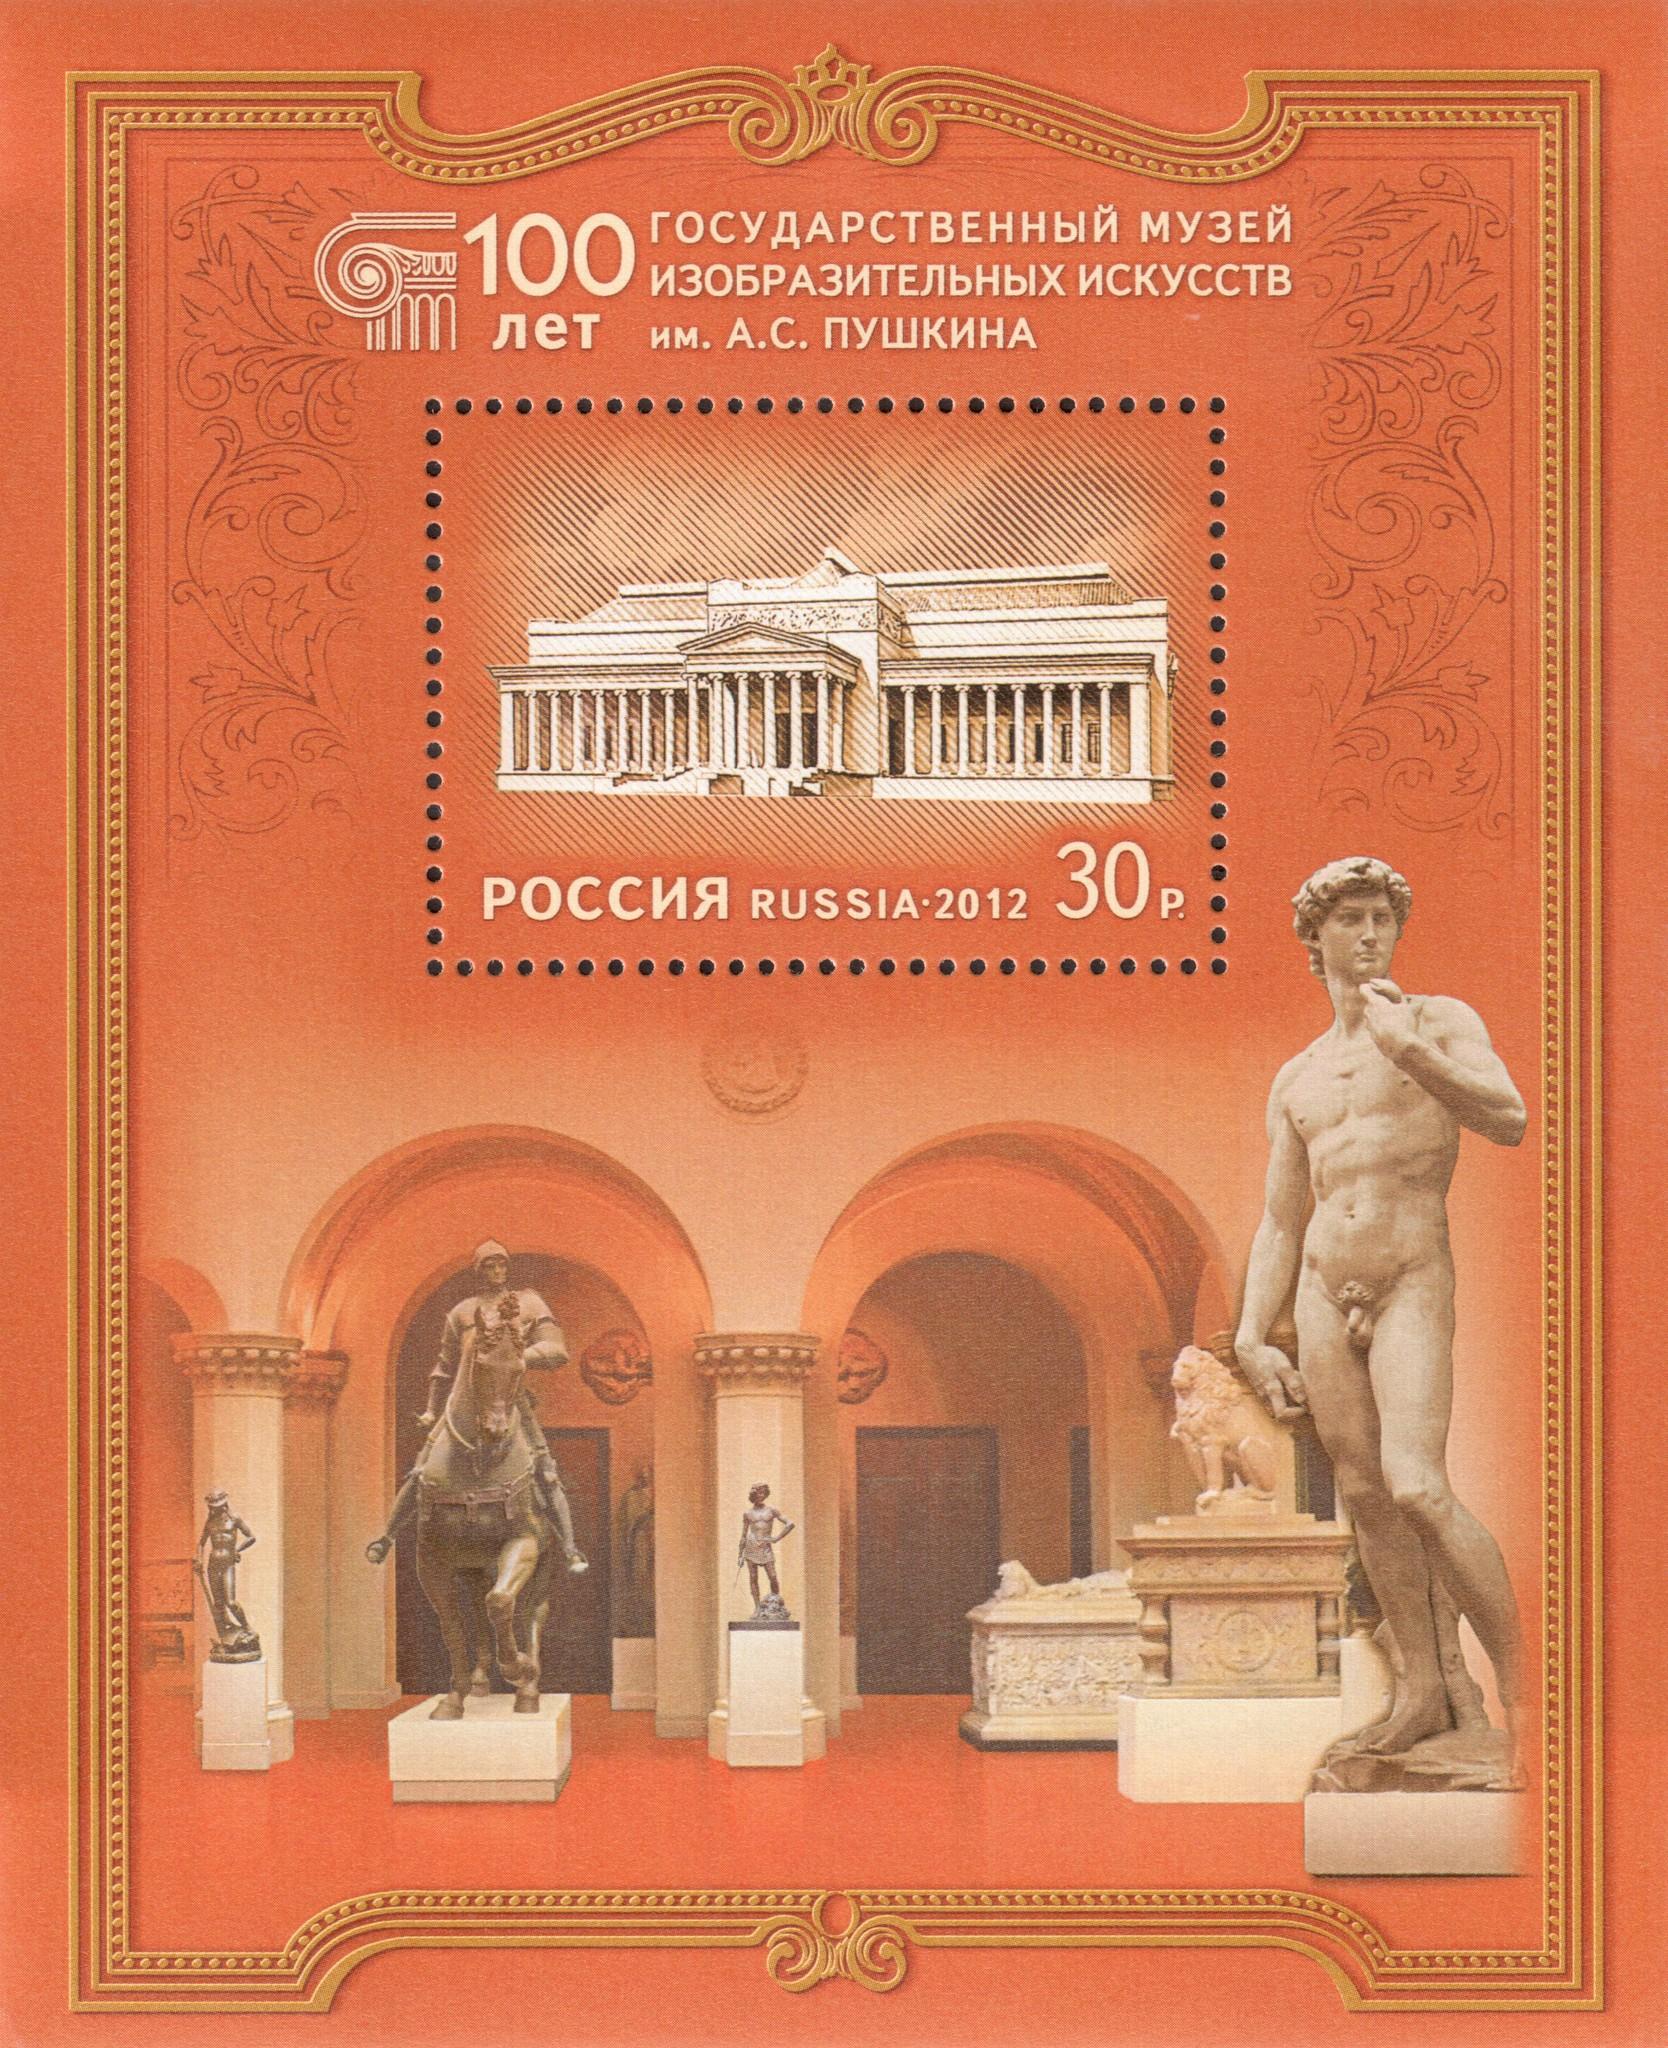 100-лет Государственному музею изобразительных искусств имени А.С. Пушкина